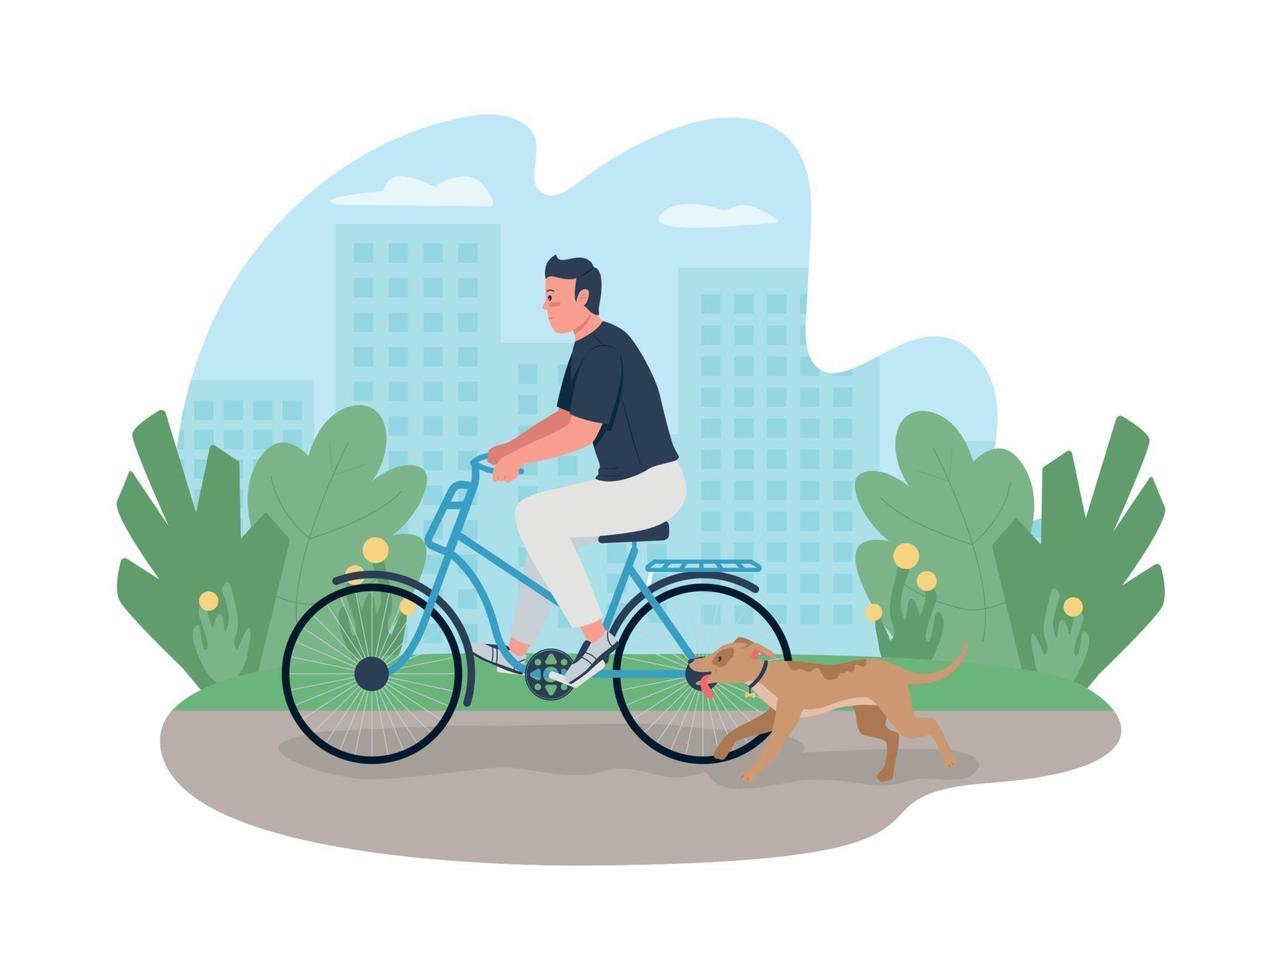 homme à vélo avec chien qui court près de bannière web vecteur 2d, affiche